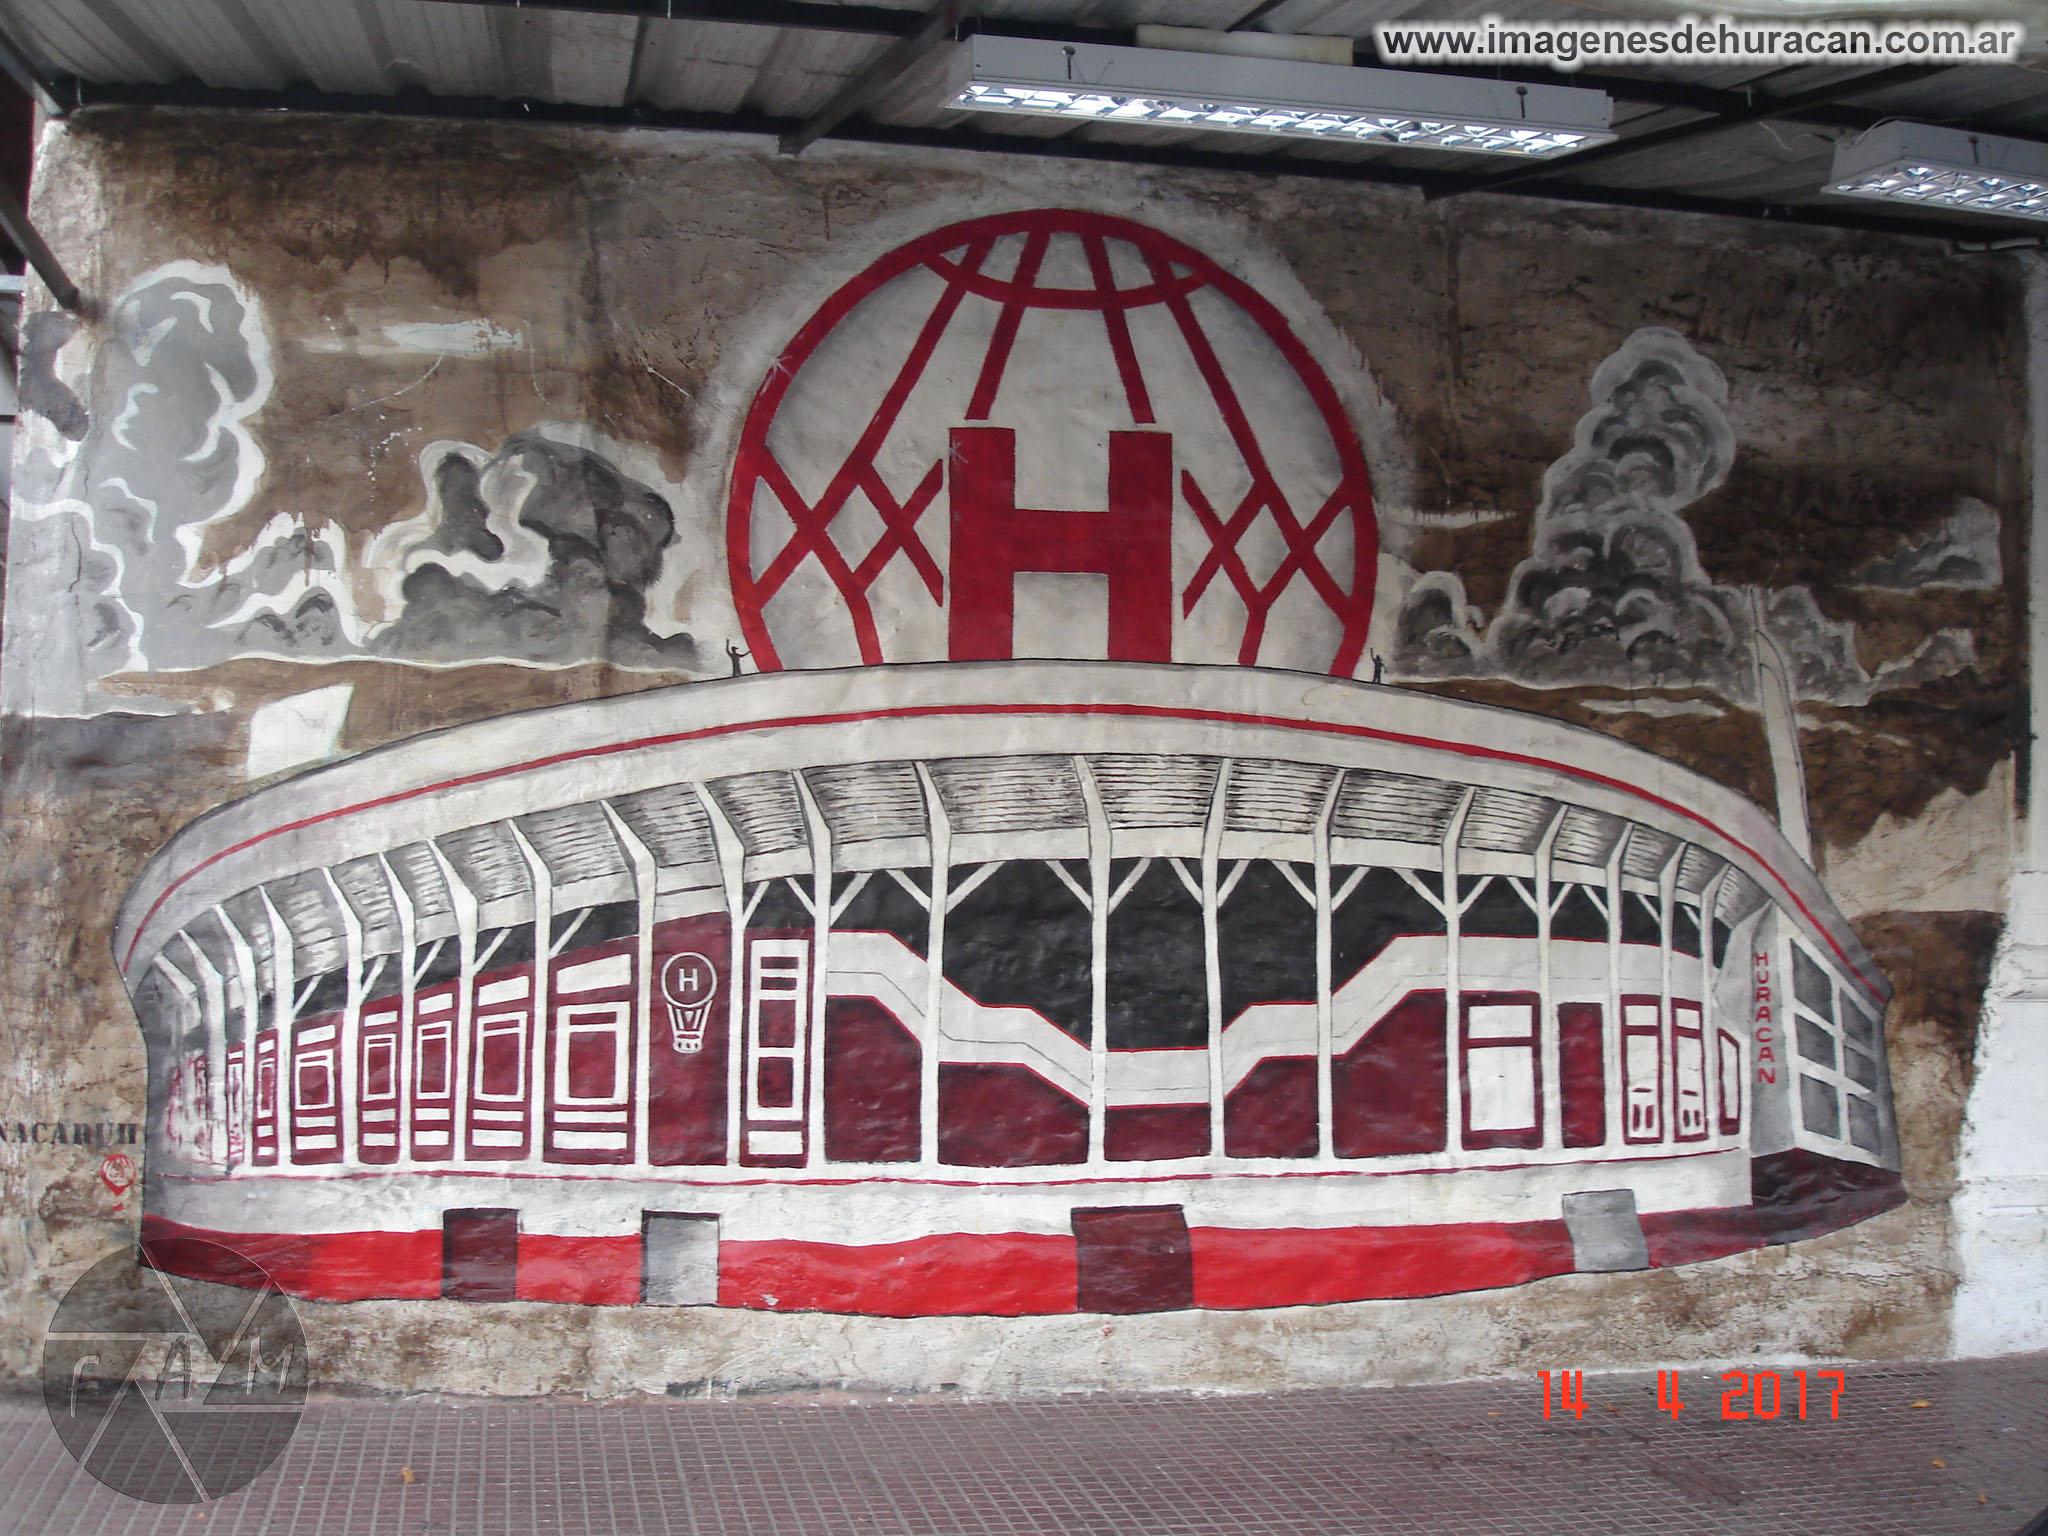 mural Duco Huracán arsenal primera división 2016-2017